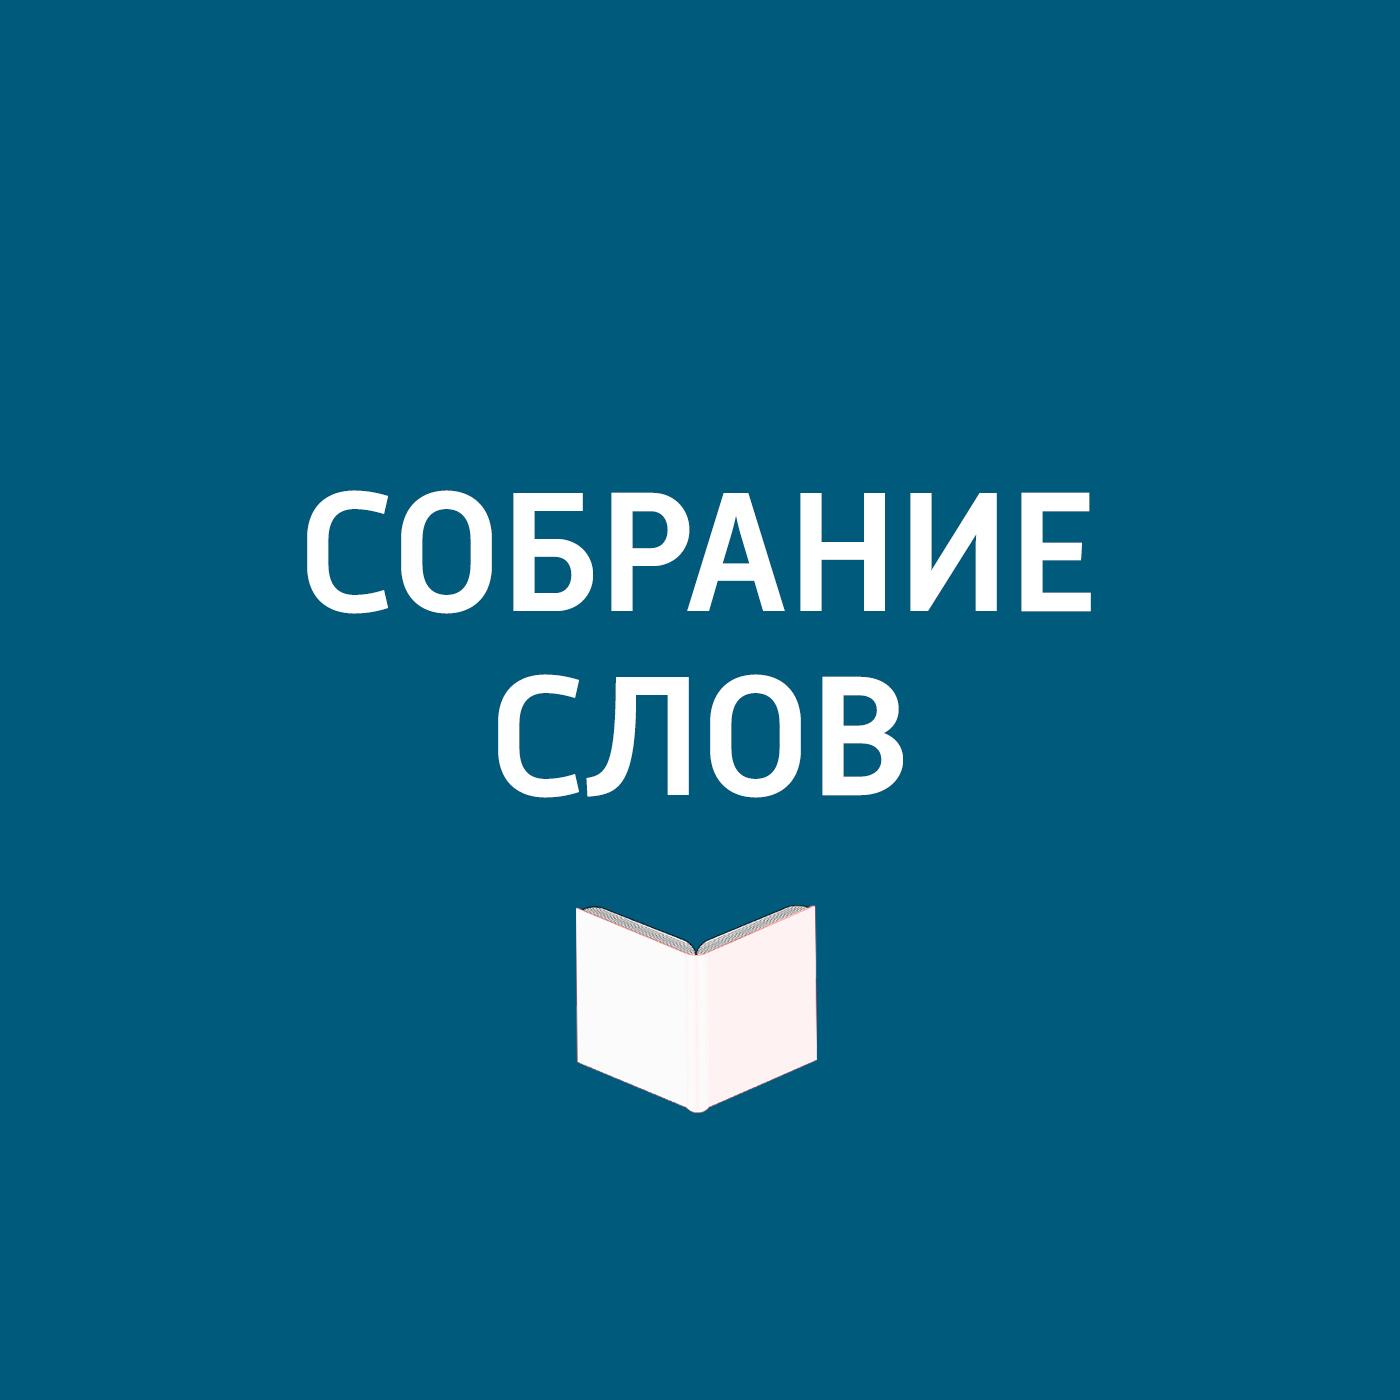 К 150-летию Николая II